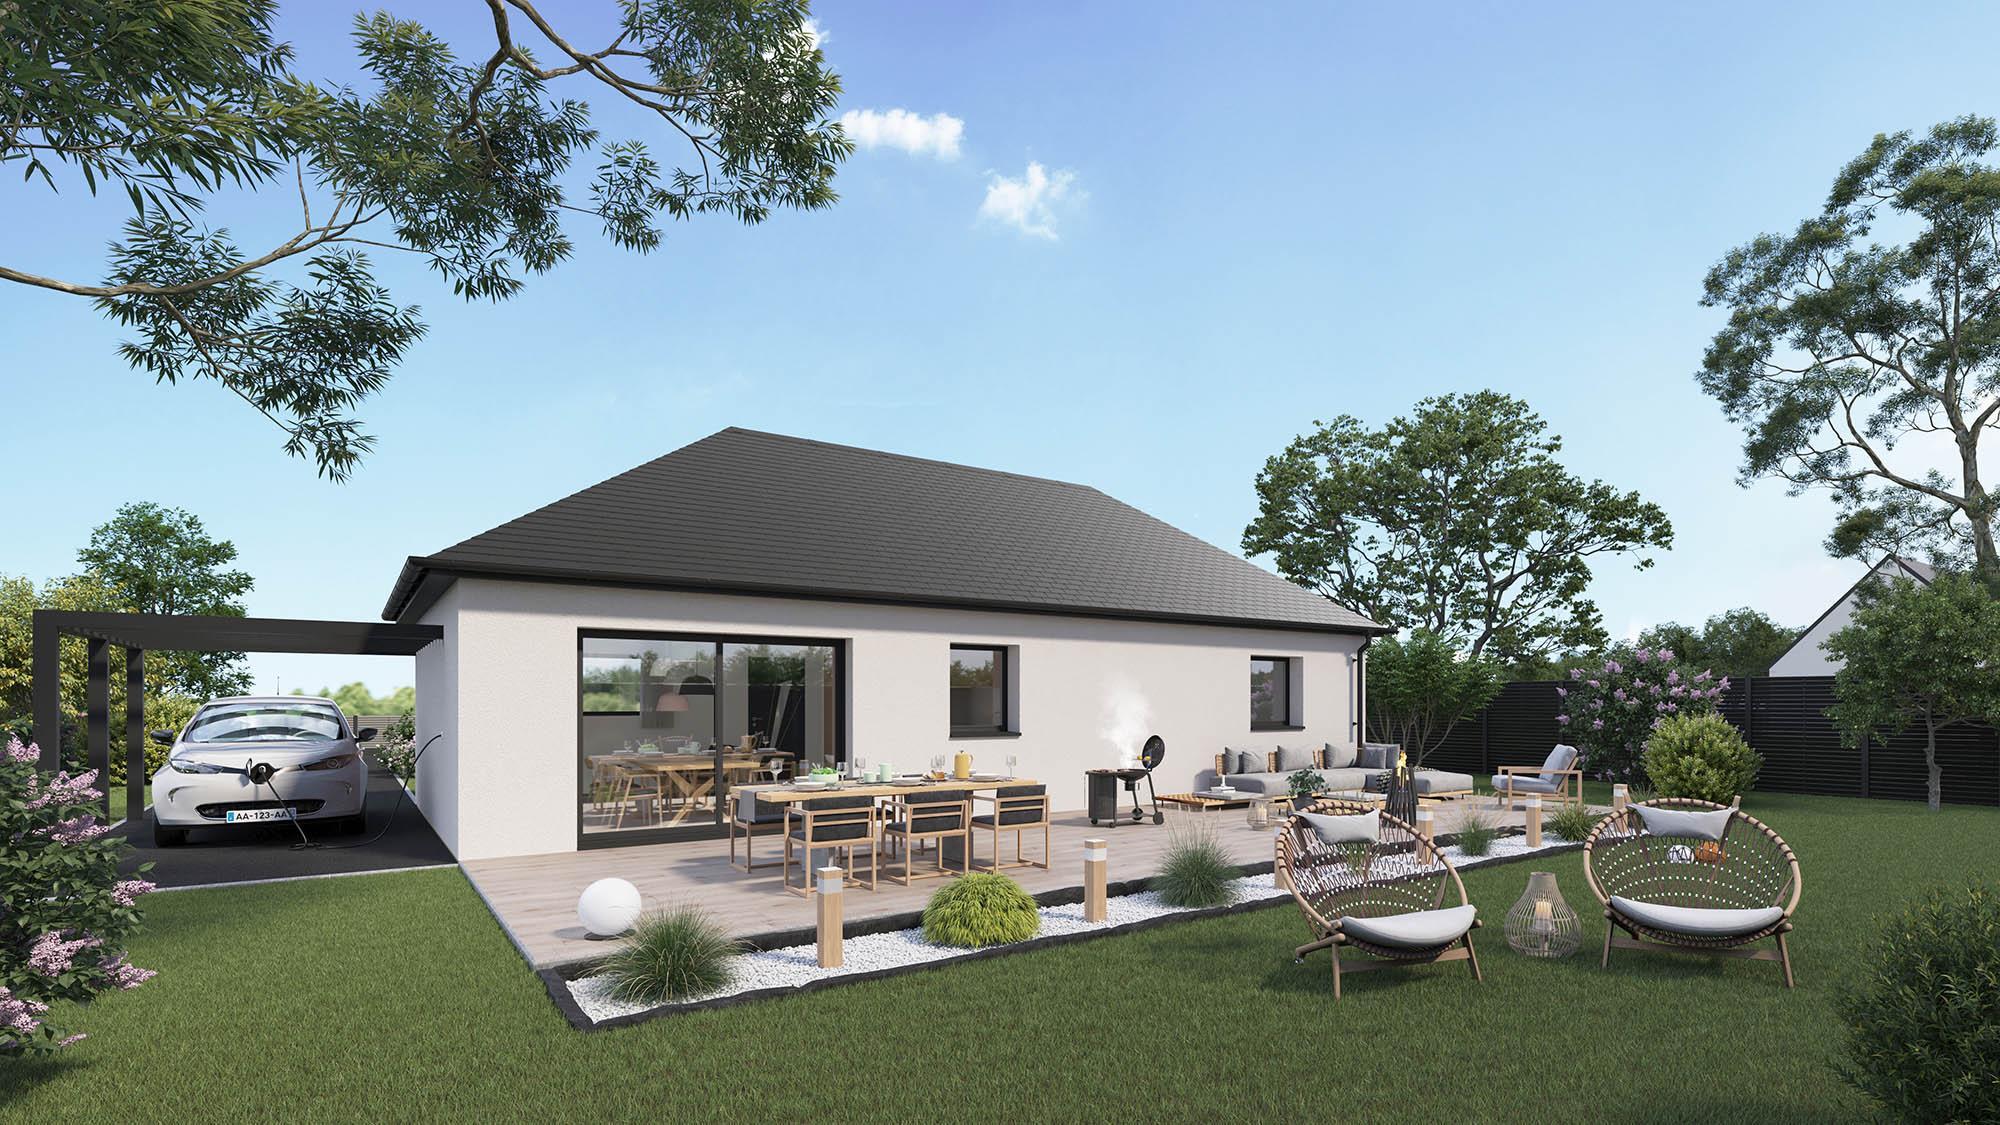 Maisons + Terrains du constructeur MAISON CASTOR REIMS • 100 m² • FISMES